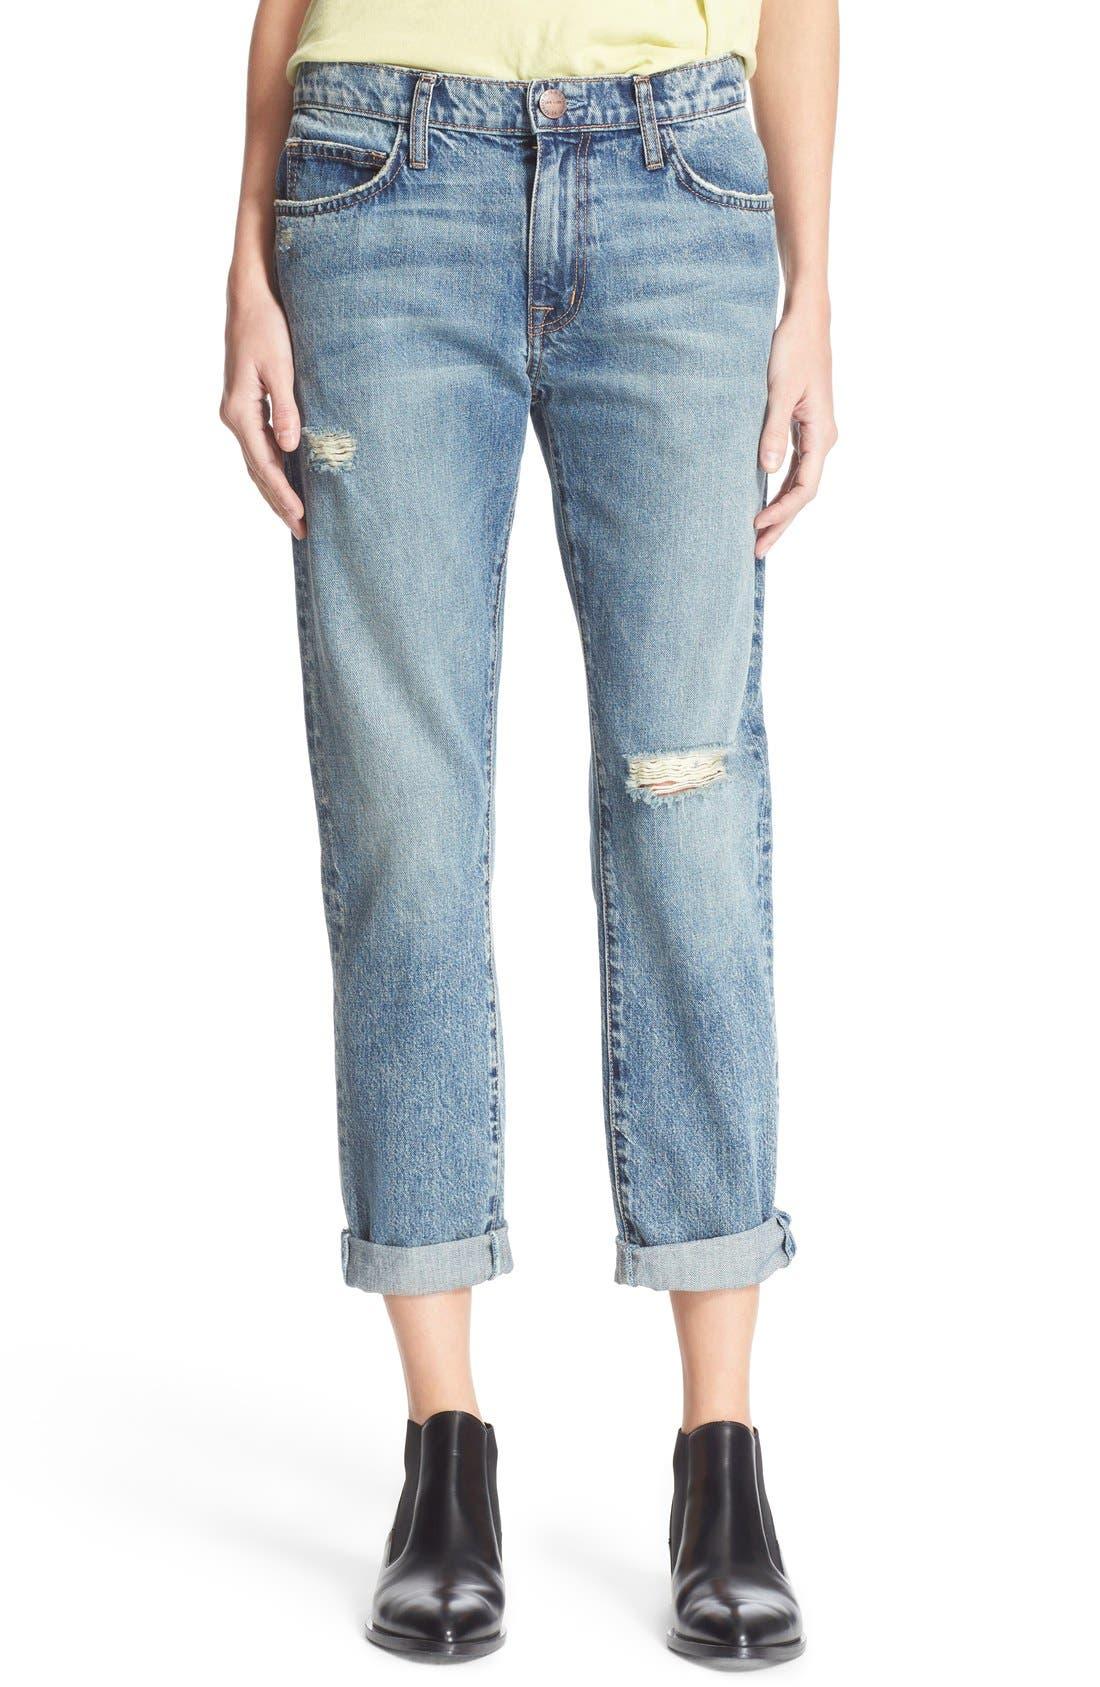 Main Image - Current/Elliott 'The Fling' Jeans (Bedford Destroyed)